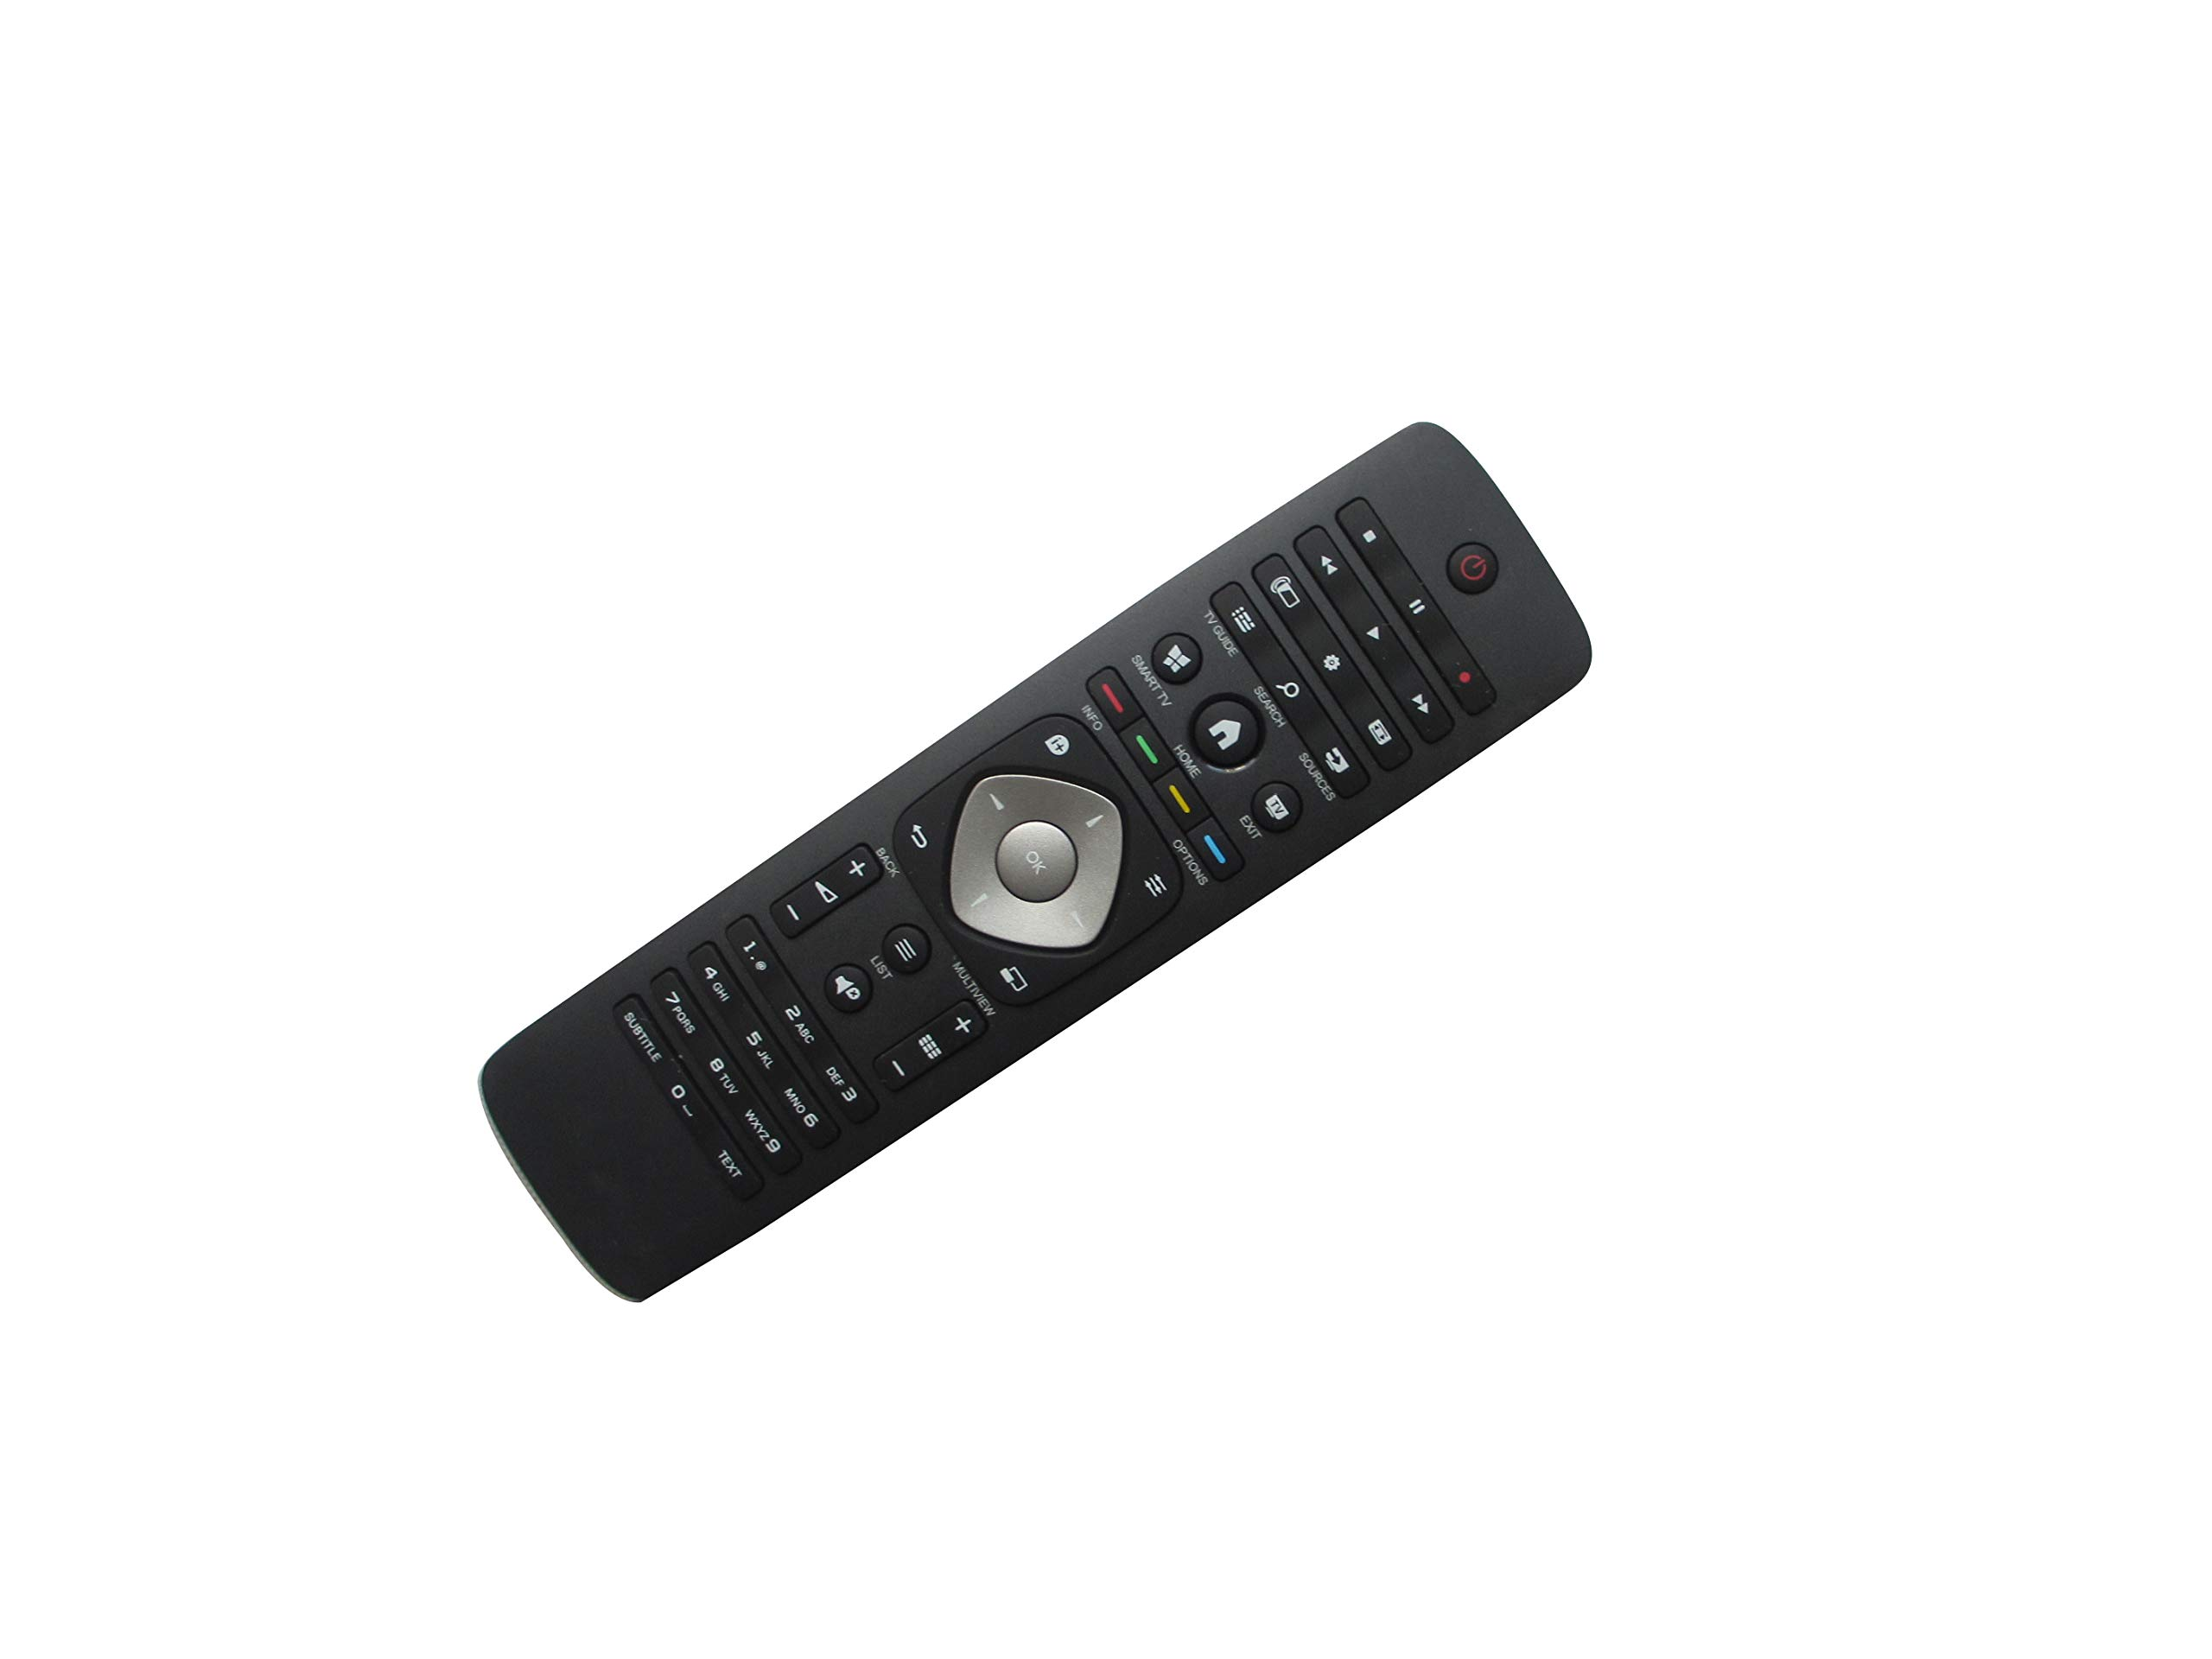 Mando a Distancia para televisor Philips 65PUS7101/12 75PUS7101/12 75PUT7101/79 43PUH6101/88 43PUS6101/12 43PUT6101/12 LED HDTV: Amazon.es: Electrónica